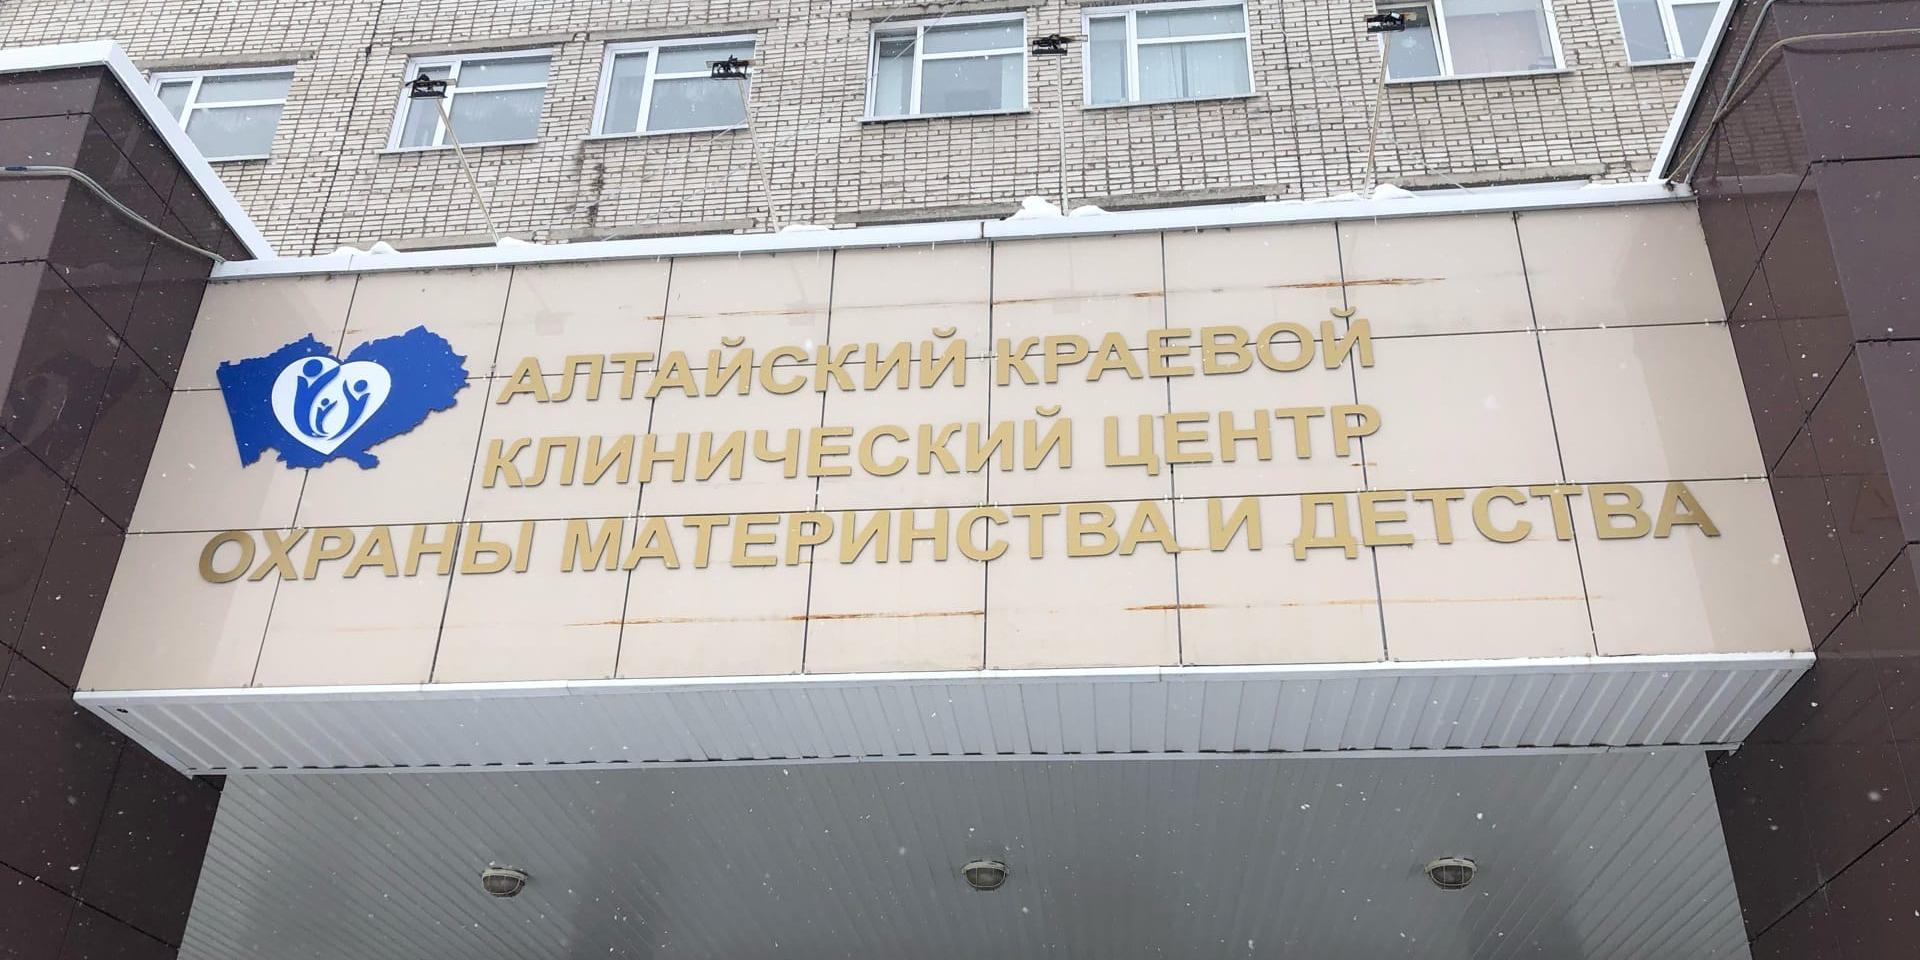 Алтайским врачам предложили выбрать между увольнением и работой уборщика